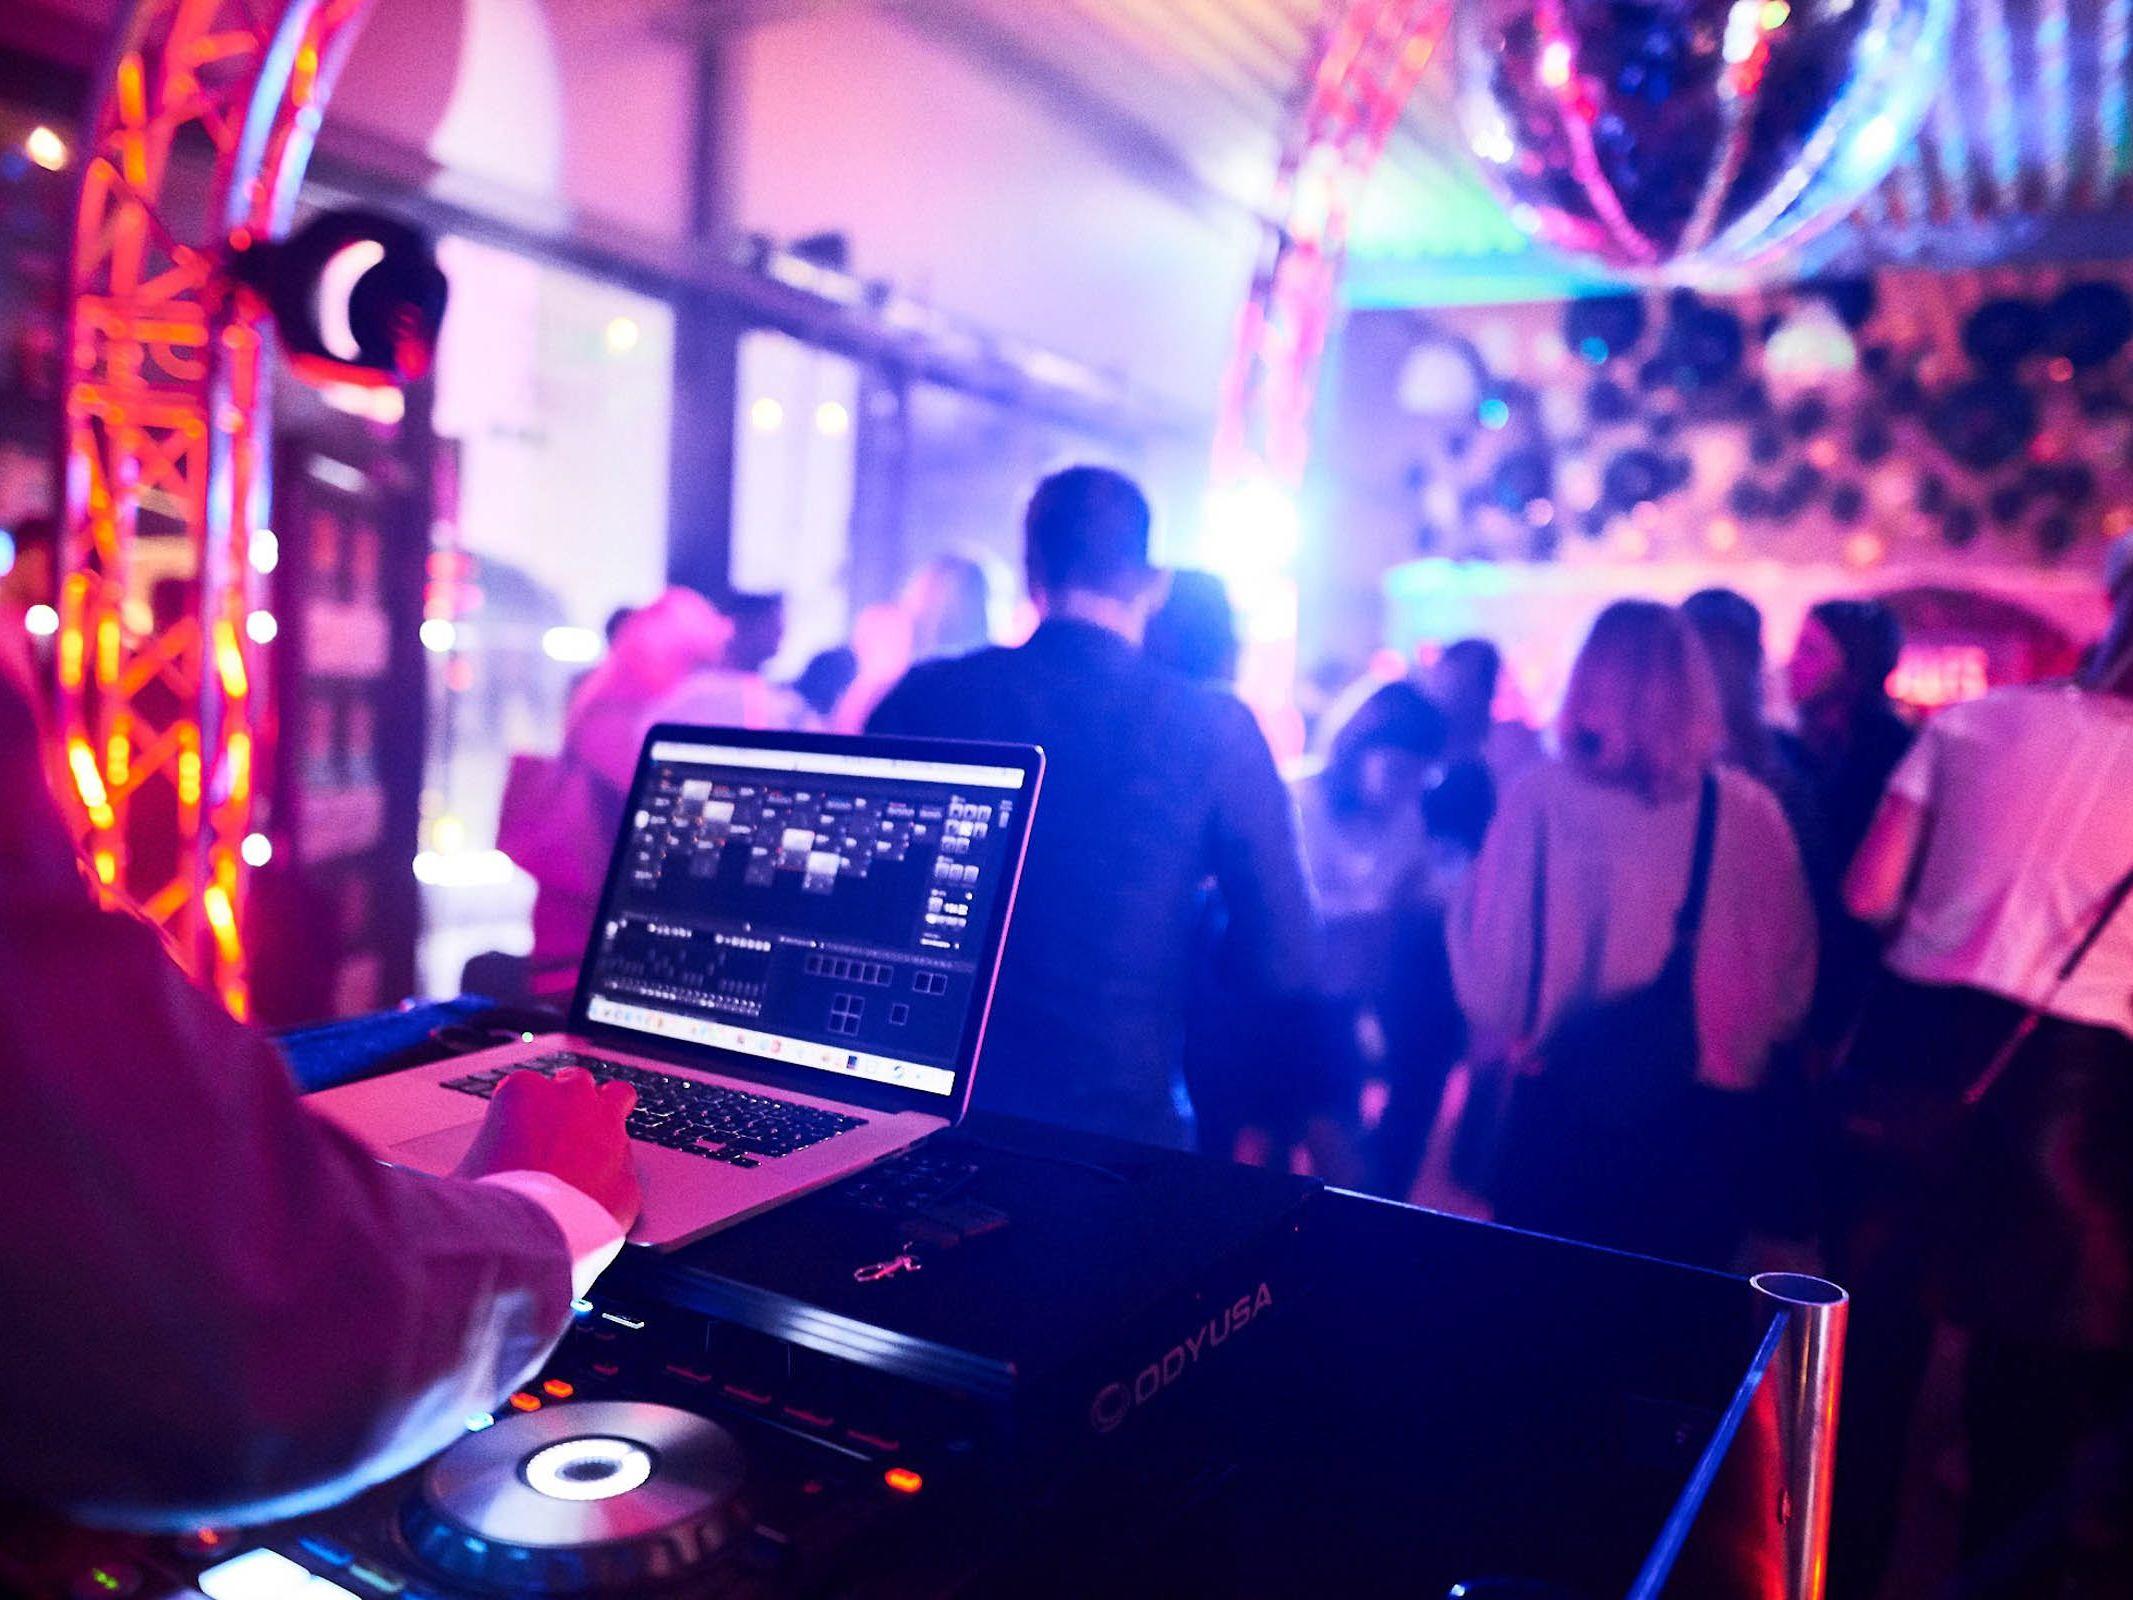 DJ | Mieten | DJ | Agentur | DJ | Service | DJ | Messe | DJ | Firmenevent | Firmenfeier | DJ | Weihnachtsfeier | DJ | Sommerfest | DJ | Weihnachtsfeier | DJ | Hochzeit | Buchen | Anfragen | Lehmann | Eventservice